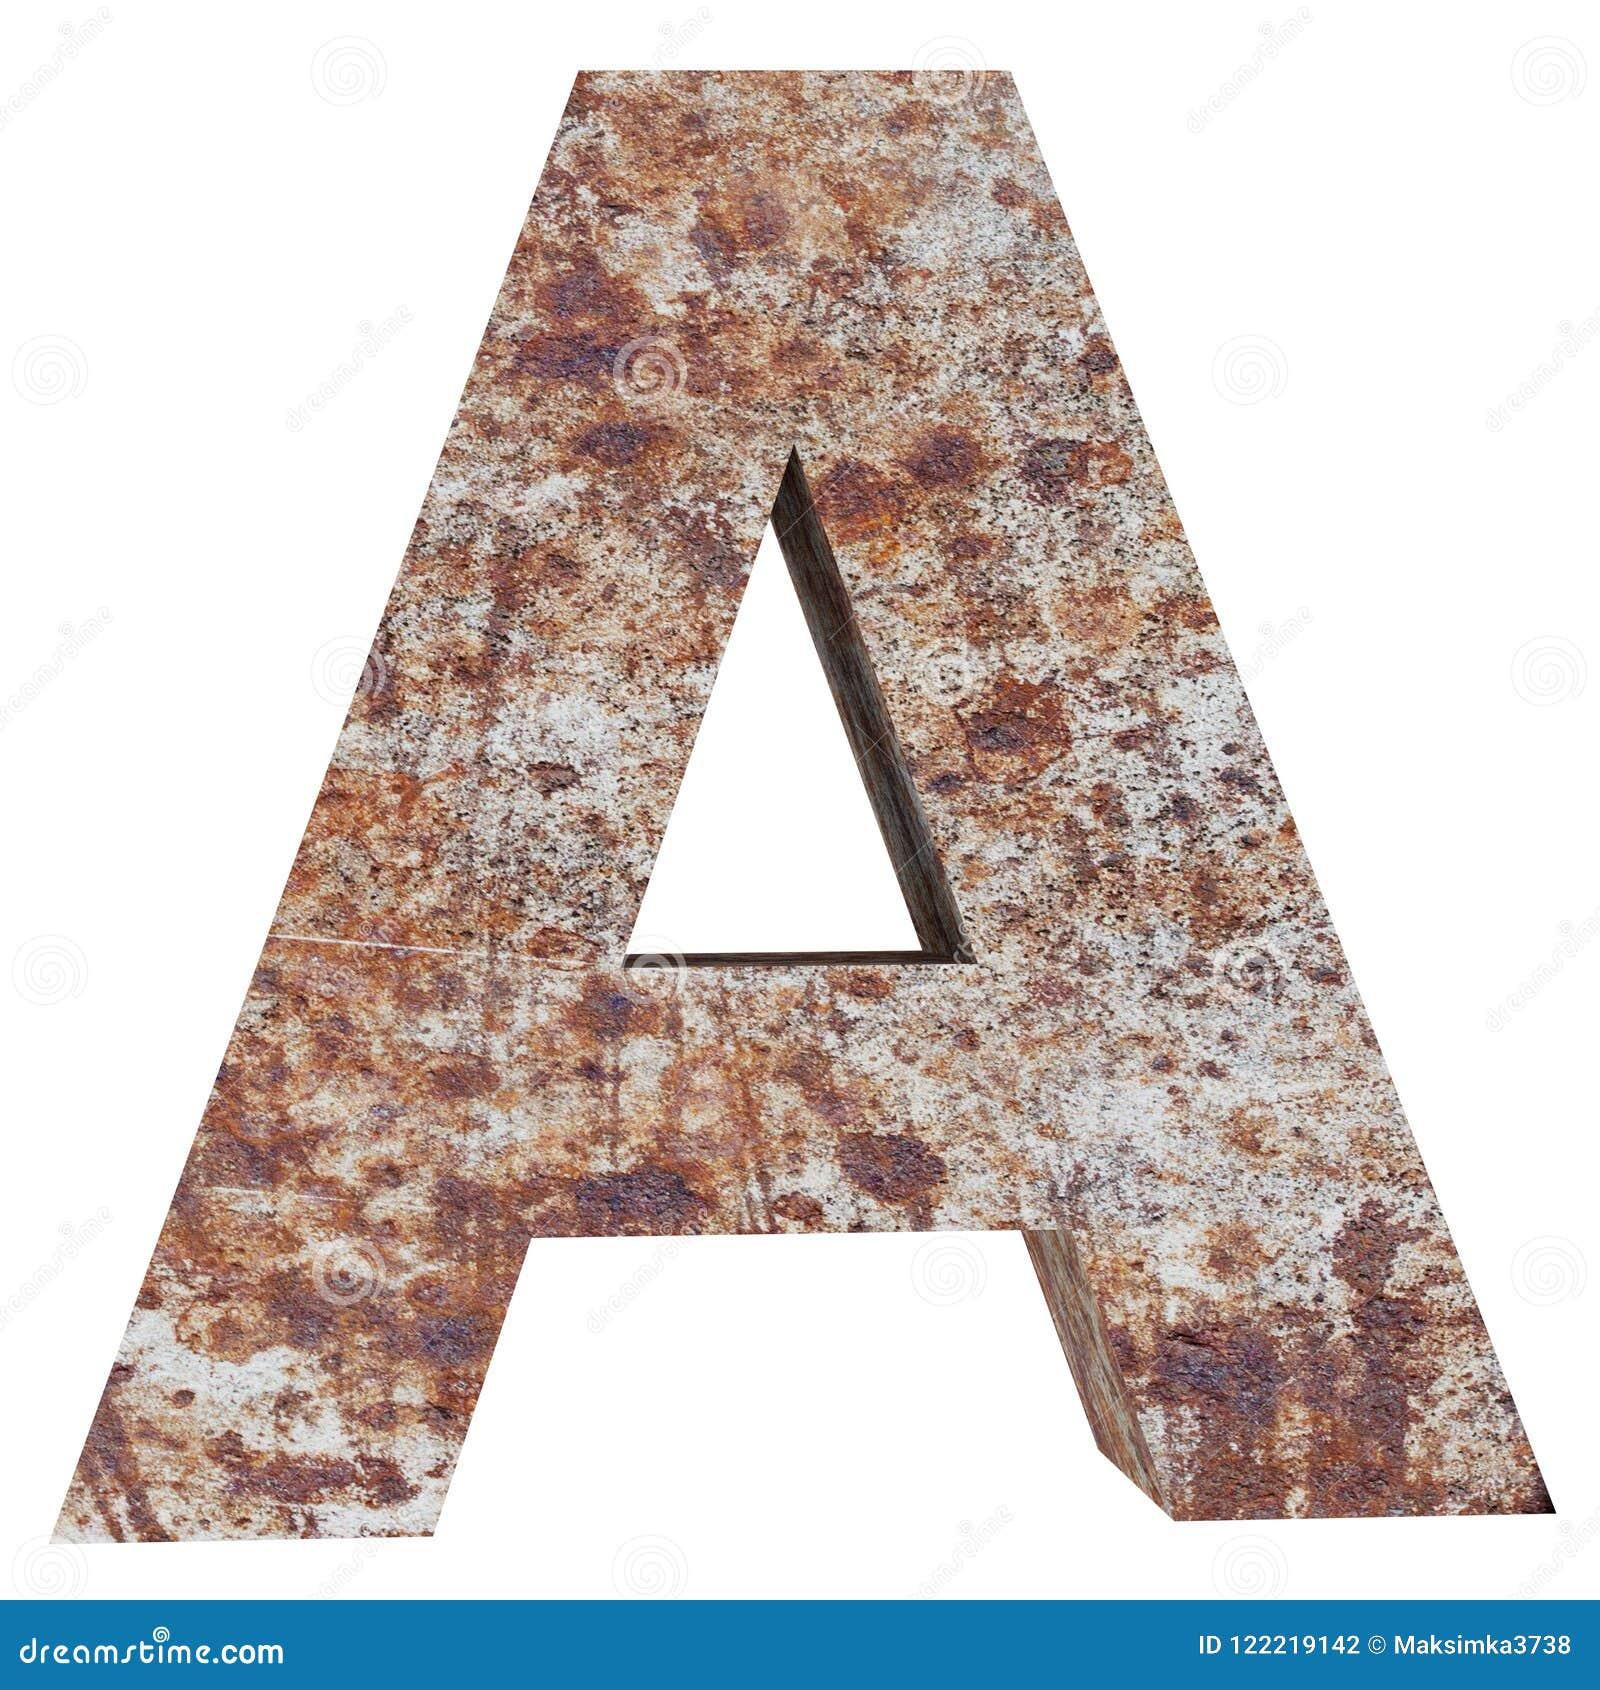 Konceptualny stary rdzewiejący meta kapitałowy list - A, żelaza lub stalowego przemysłu kawałek, odizolowywał białego tło